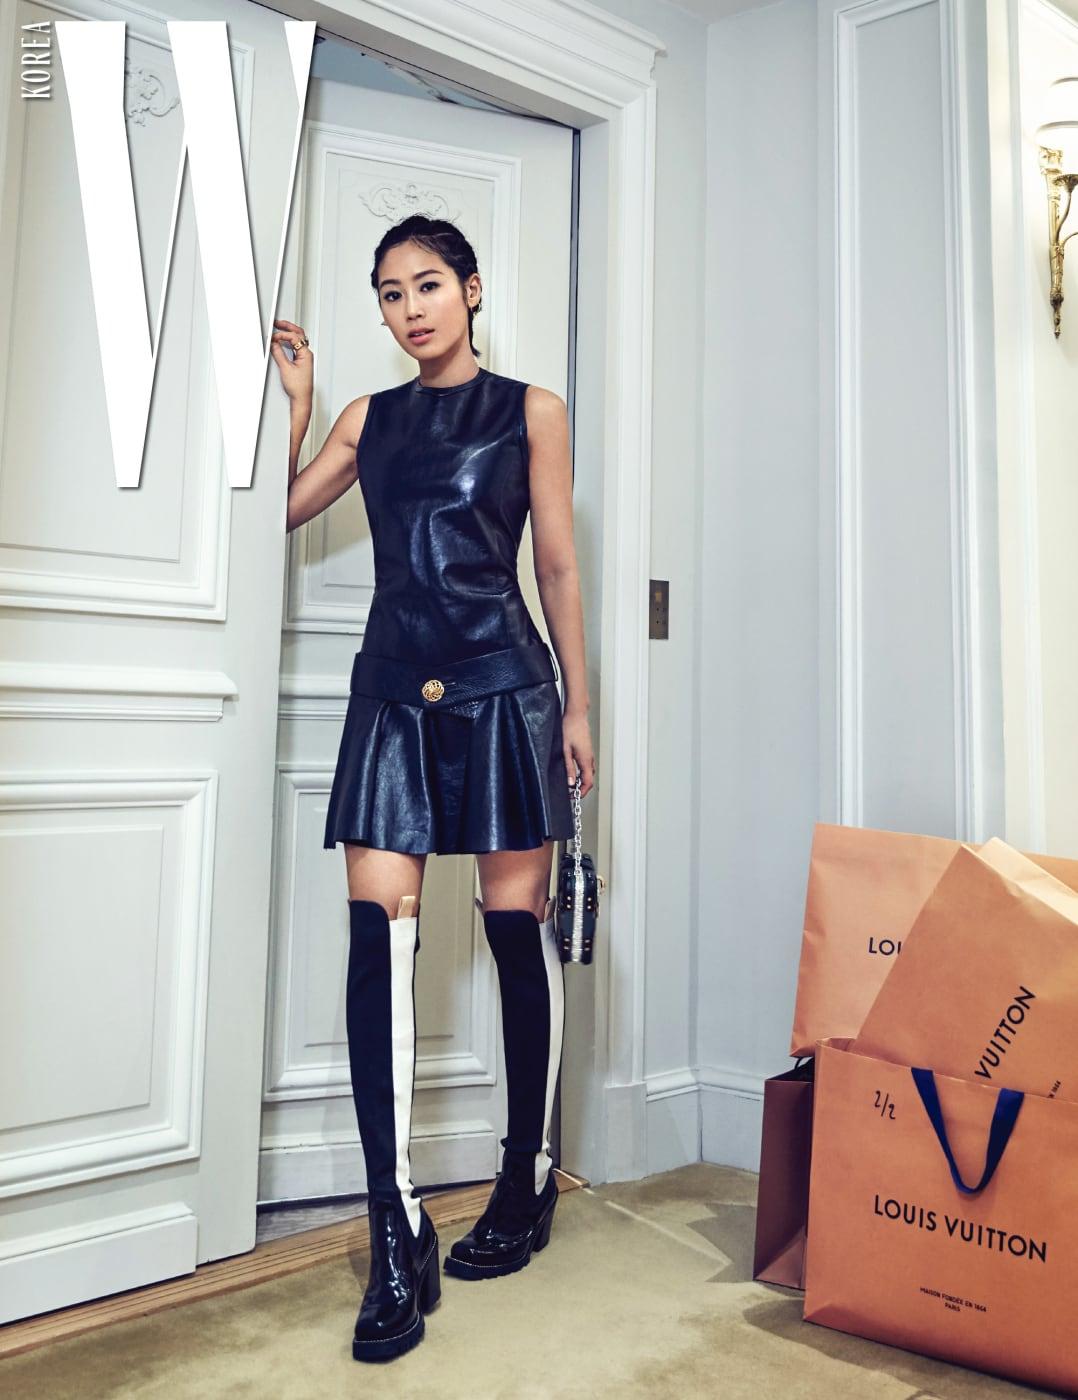 루이 비통 방돔 매장 오프닝 파티 참석을 위해 방에서 나가기 전. 드레스, 가방, 부츠는 모두 Louis Vuitton 제품.